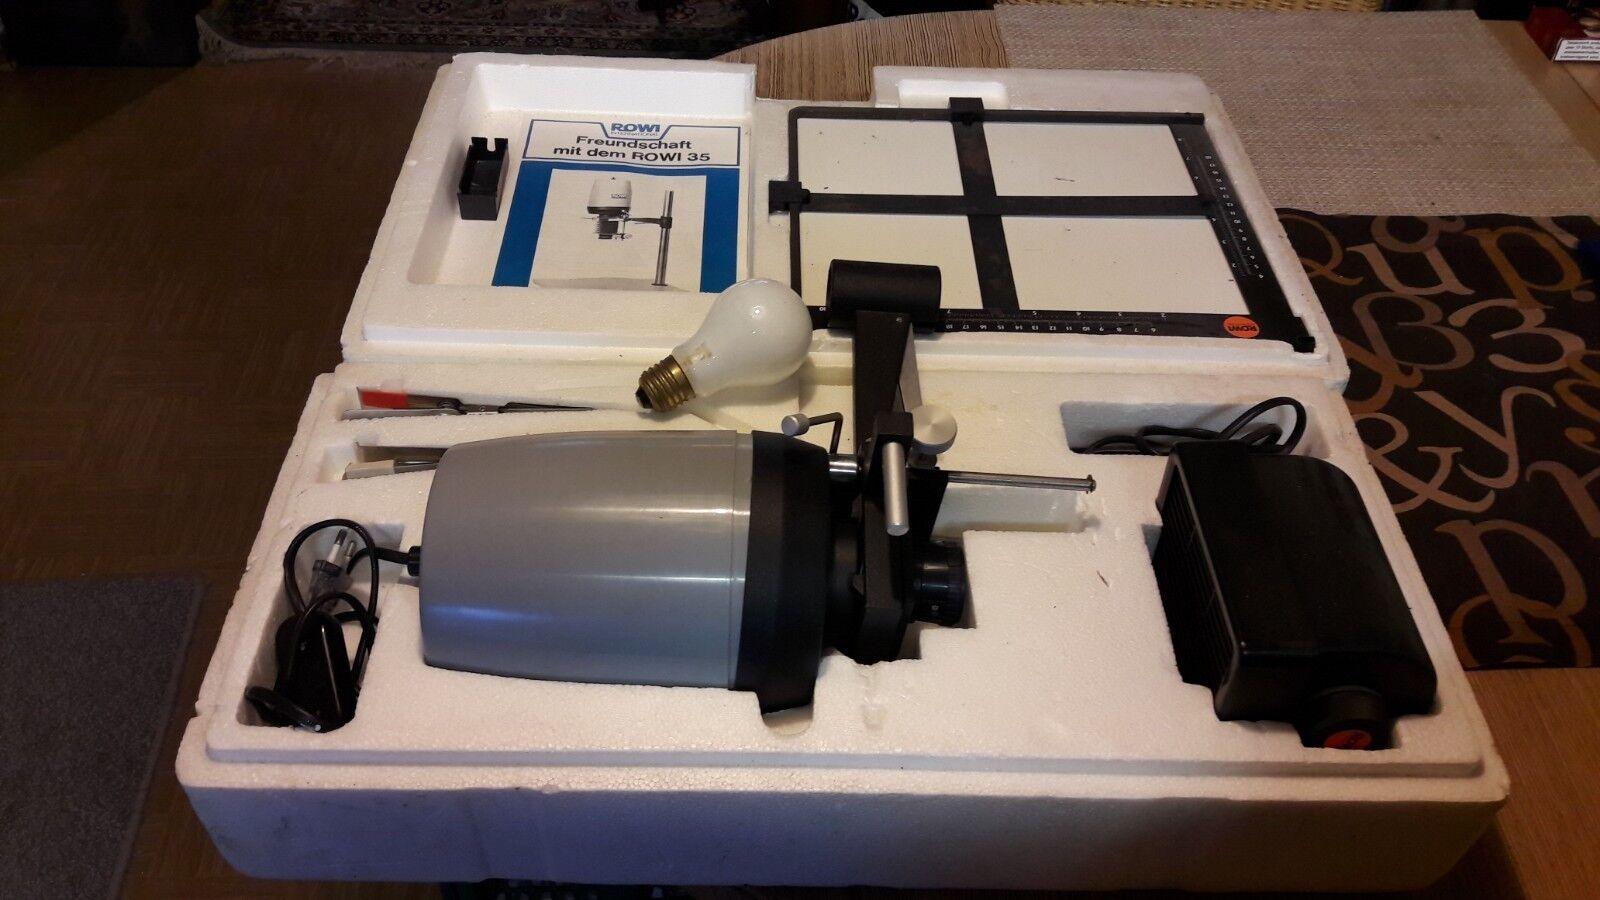 Rowi 35-ampliación dispositivo con accesorios-enlarger-con manual de instrucciones